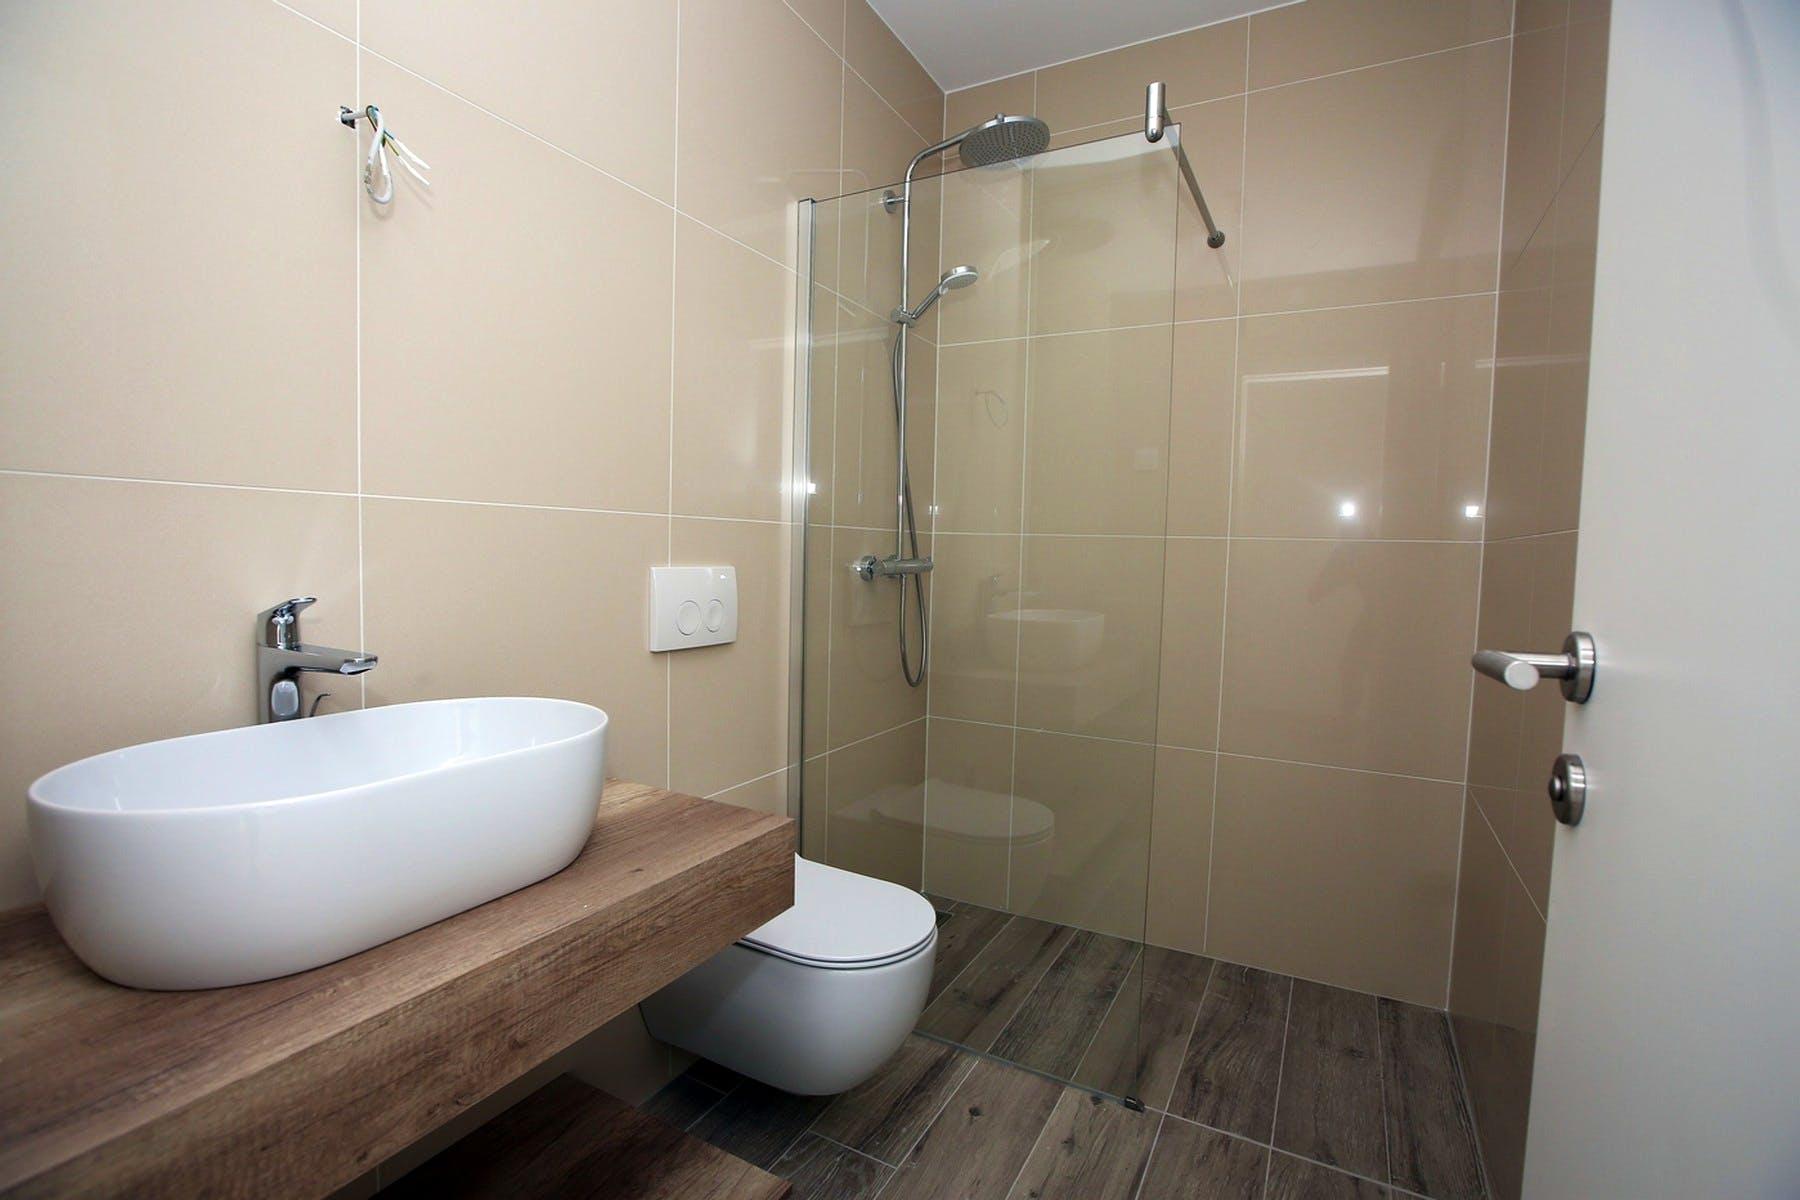 Moderna kupaonica s tuš kabinom